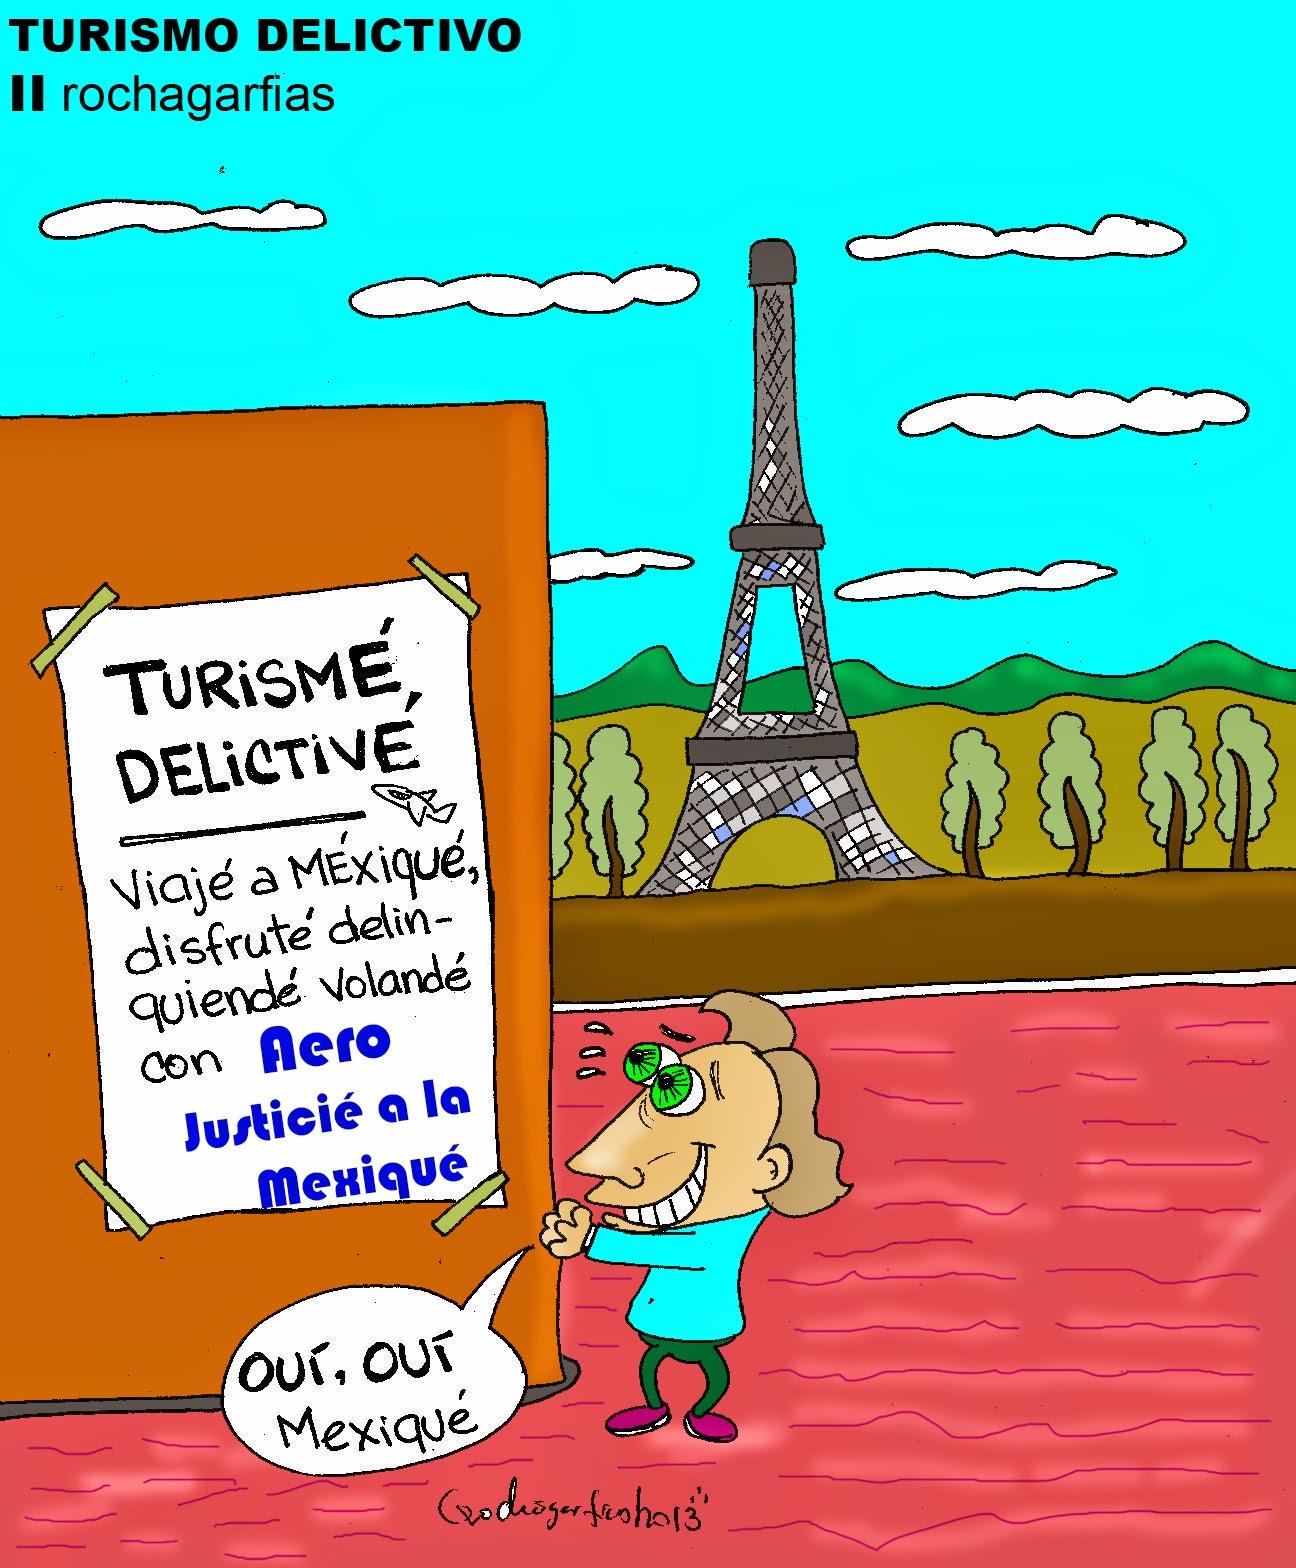 Turismo delictivo.